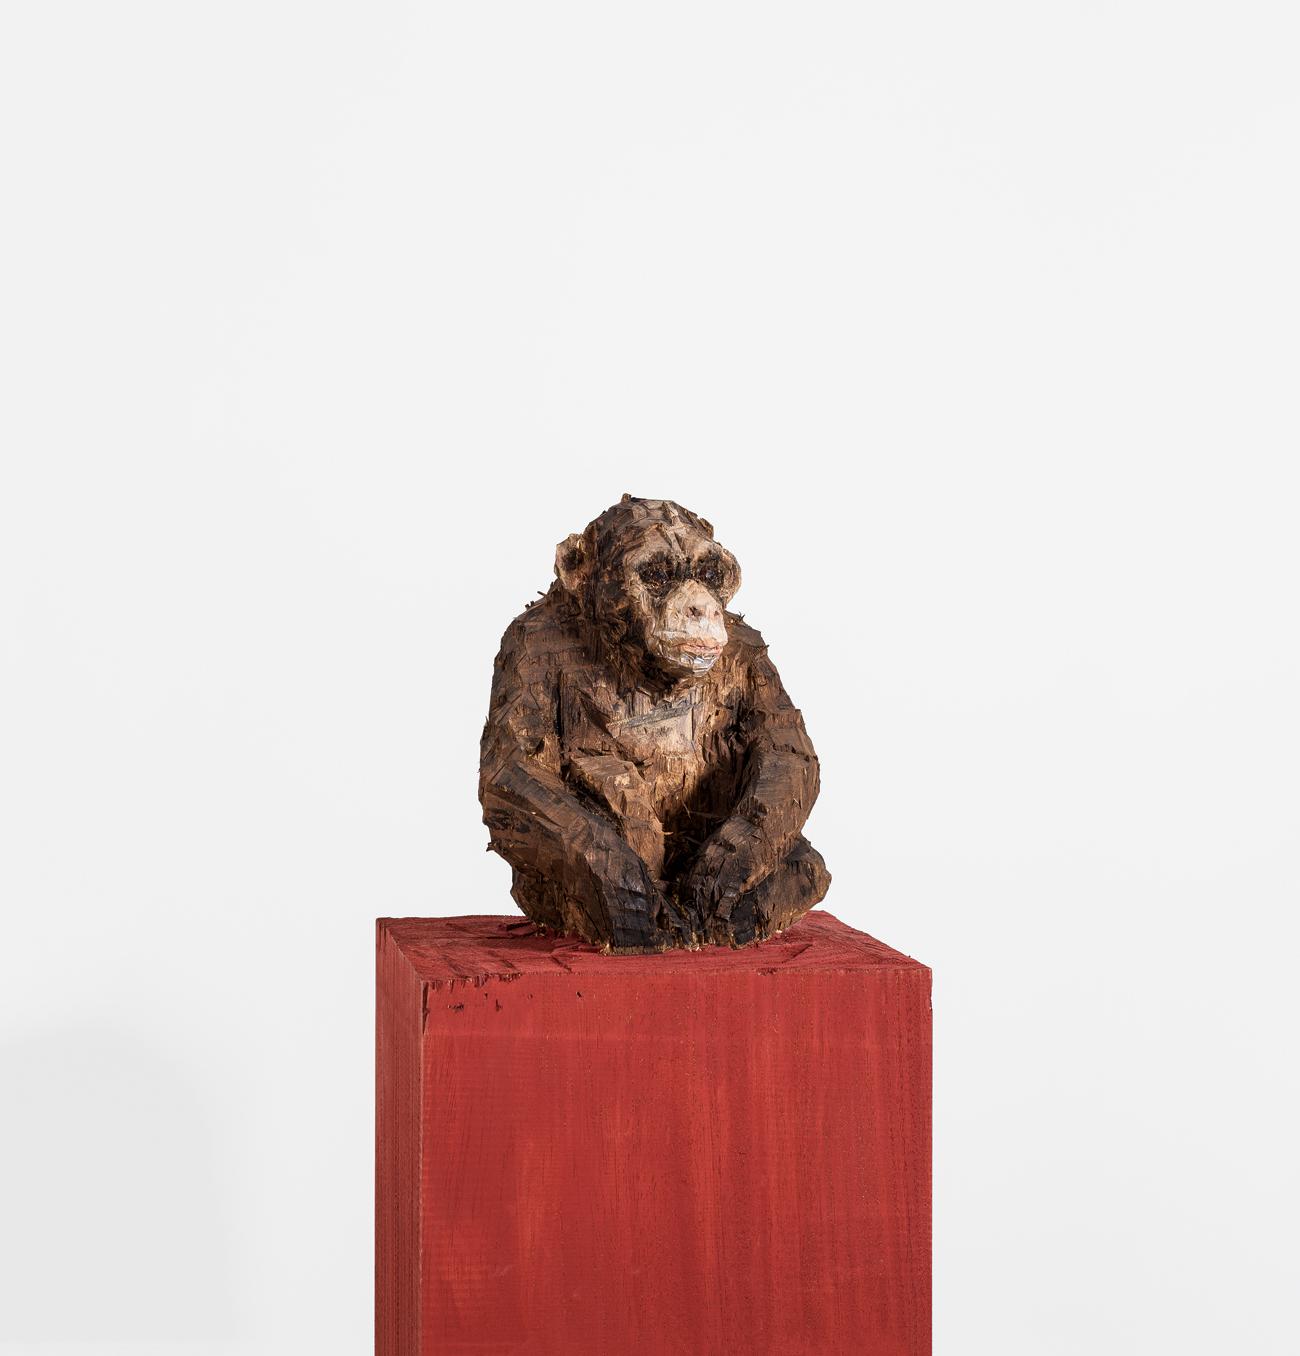 Der deutsche Bildhauer Stephan Balkenhol zeigt Mensch und Tier so grob und unvollkommen, wie sie sind.